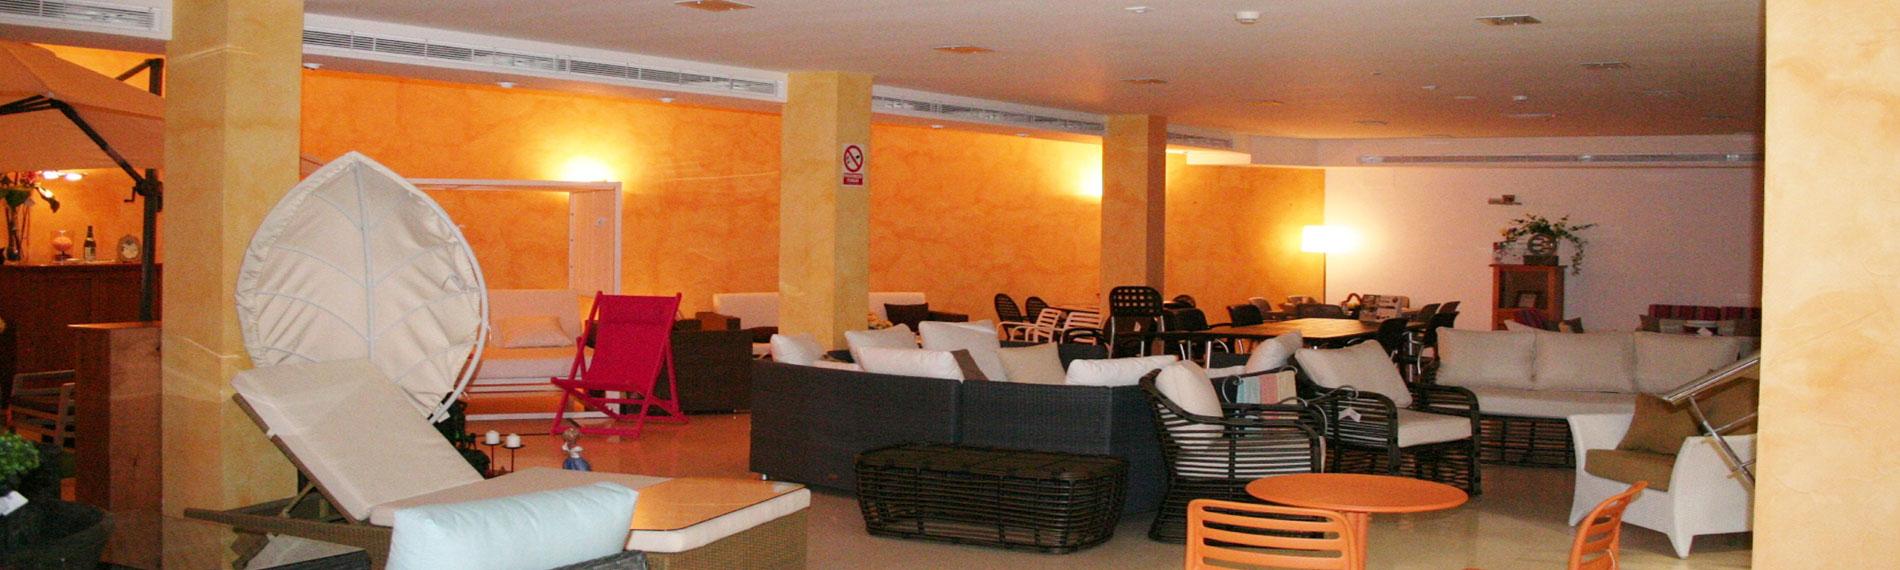 Tiendas De Muebles En Roquetas De Mar Idea Creativa Della Casa E  # Muebles Roquetas De Mar